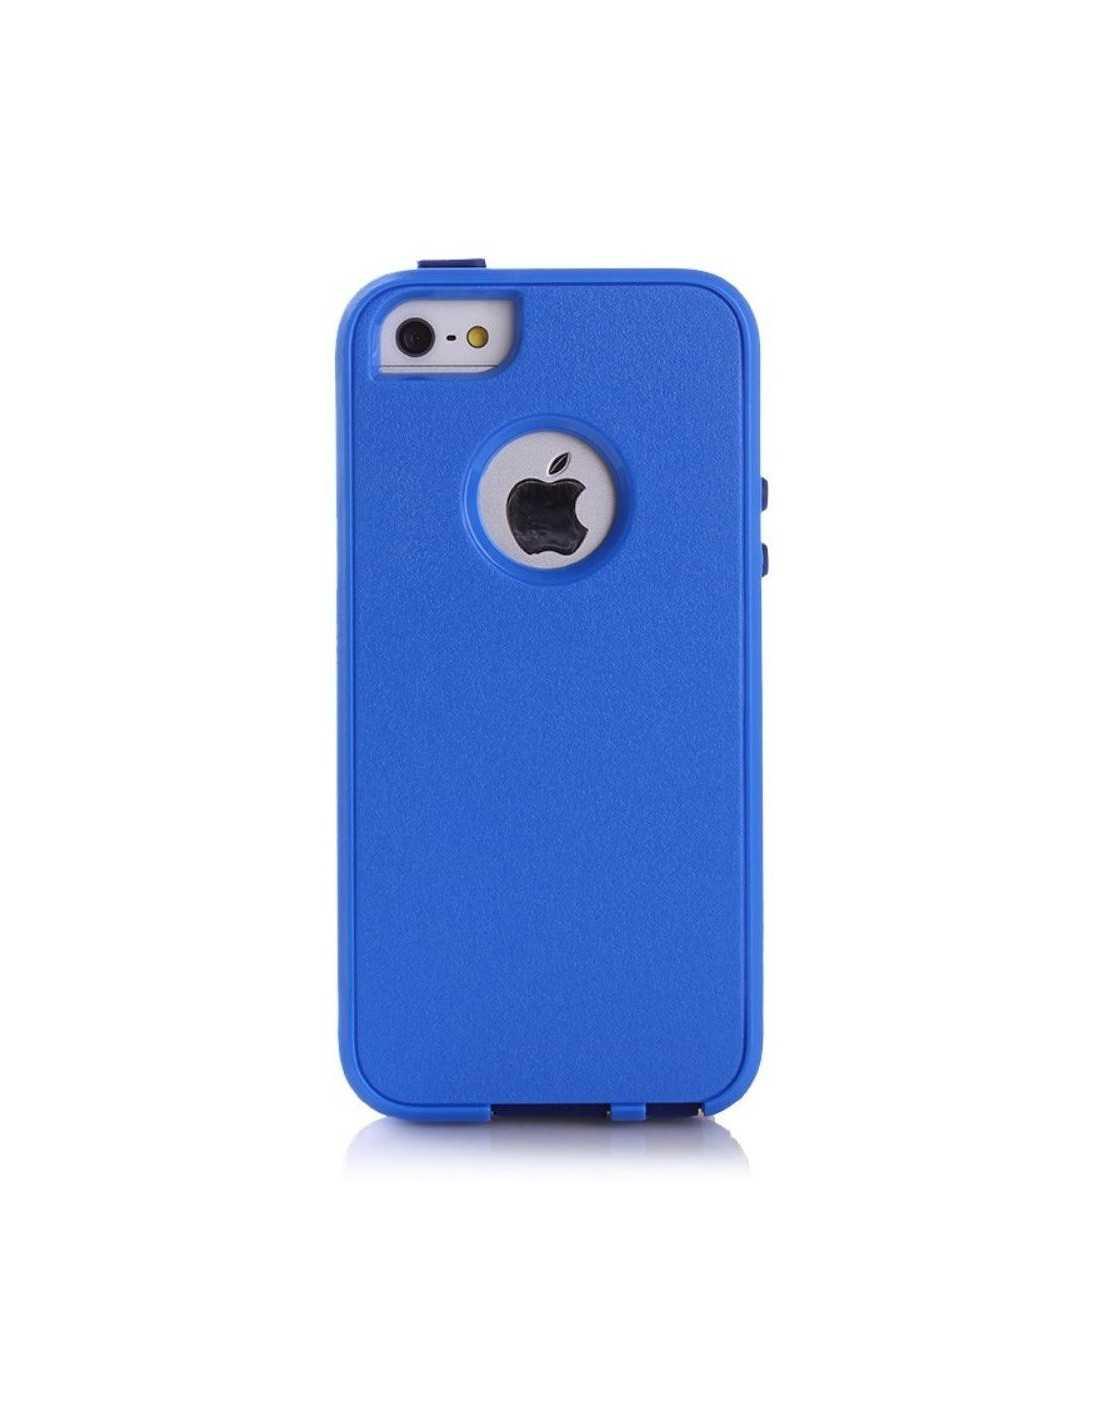 Coque Apple iPhone 5S et 5 Silicone Hybrid résistante Bleu foncé